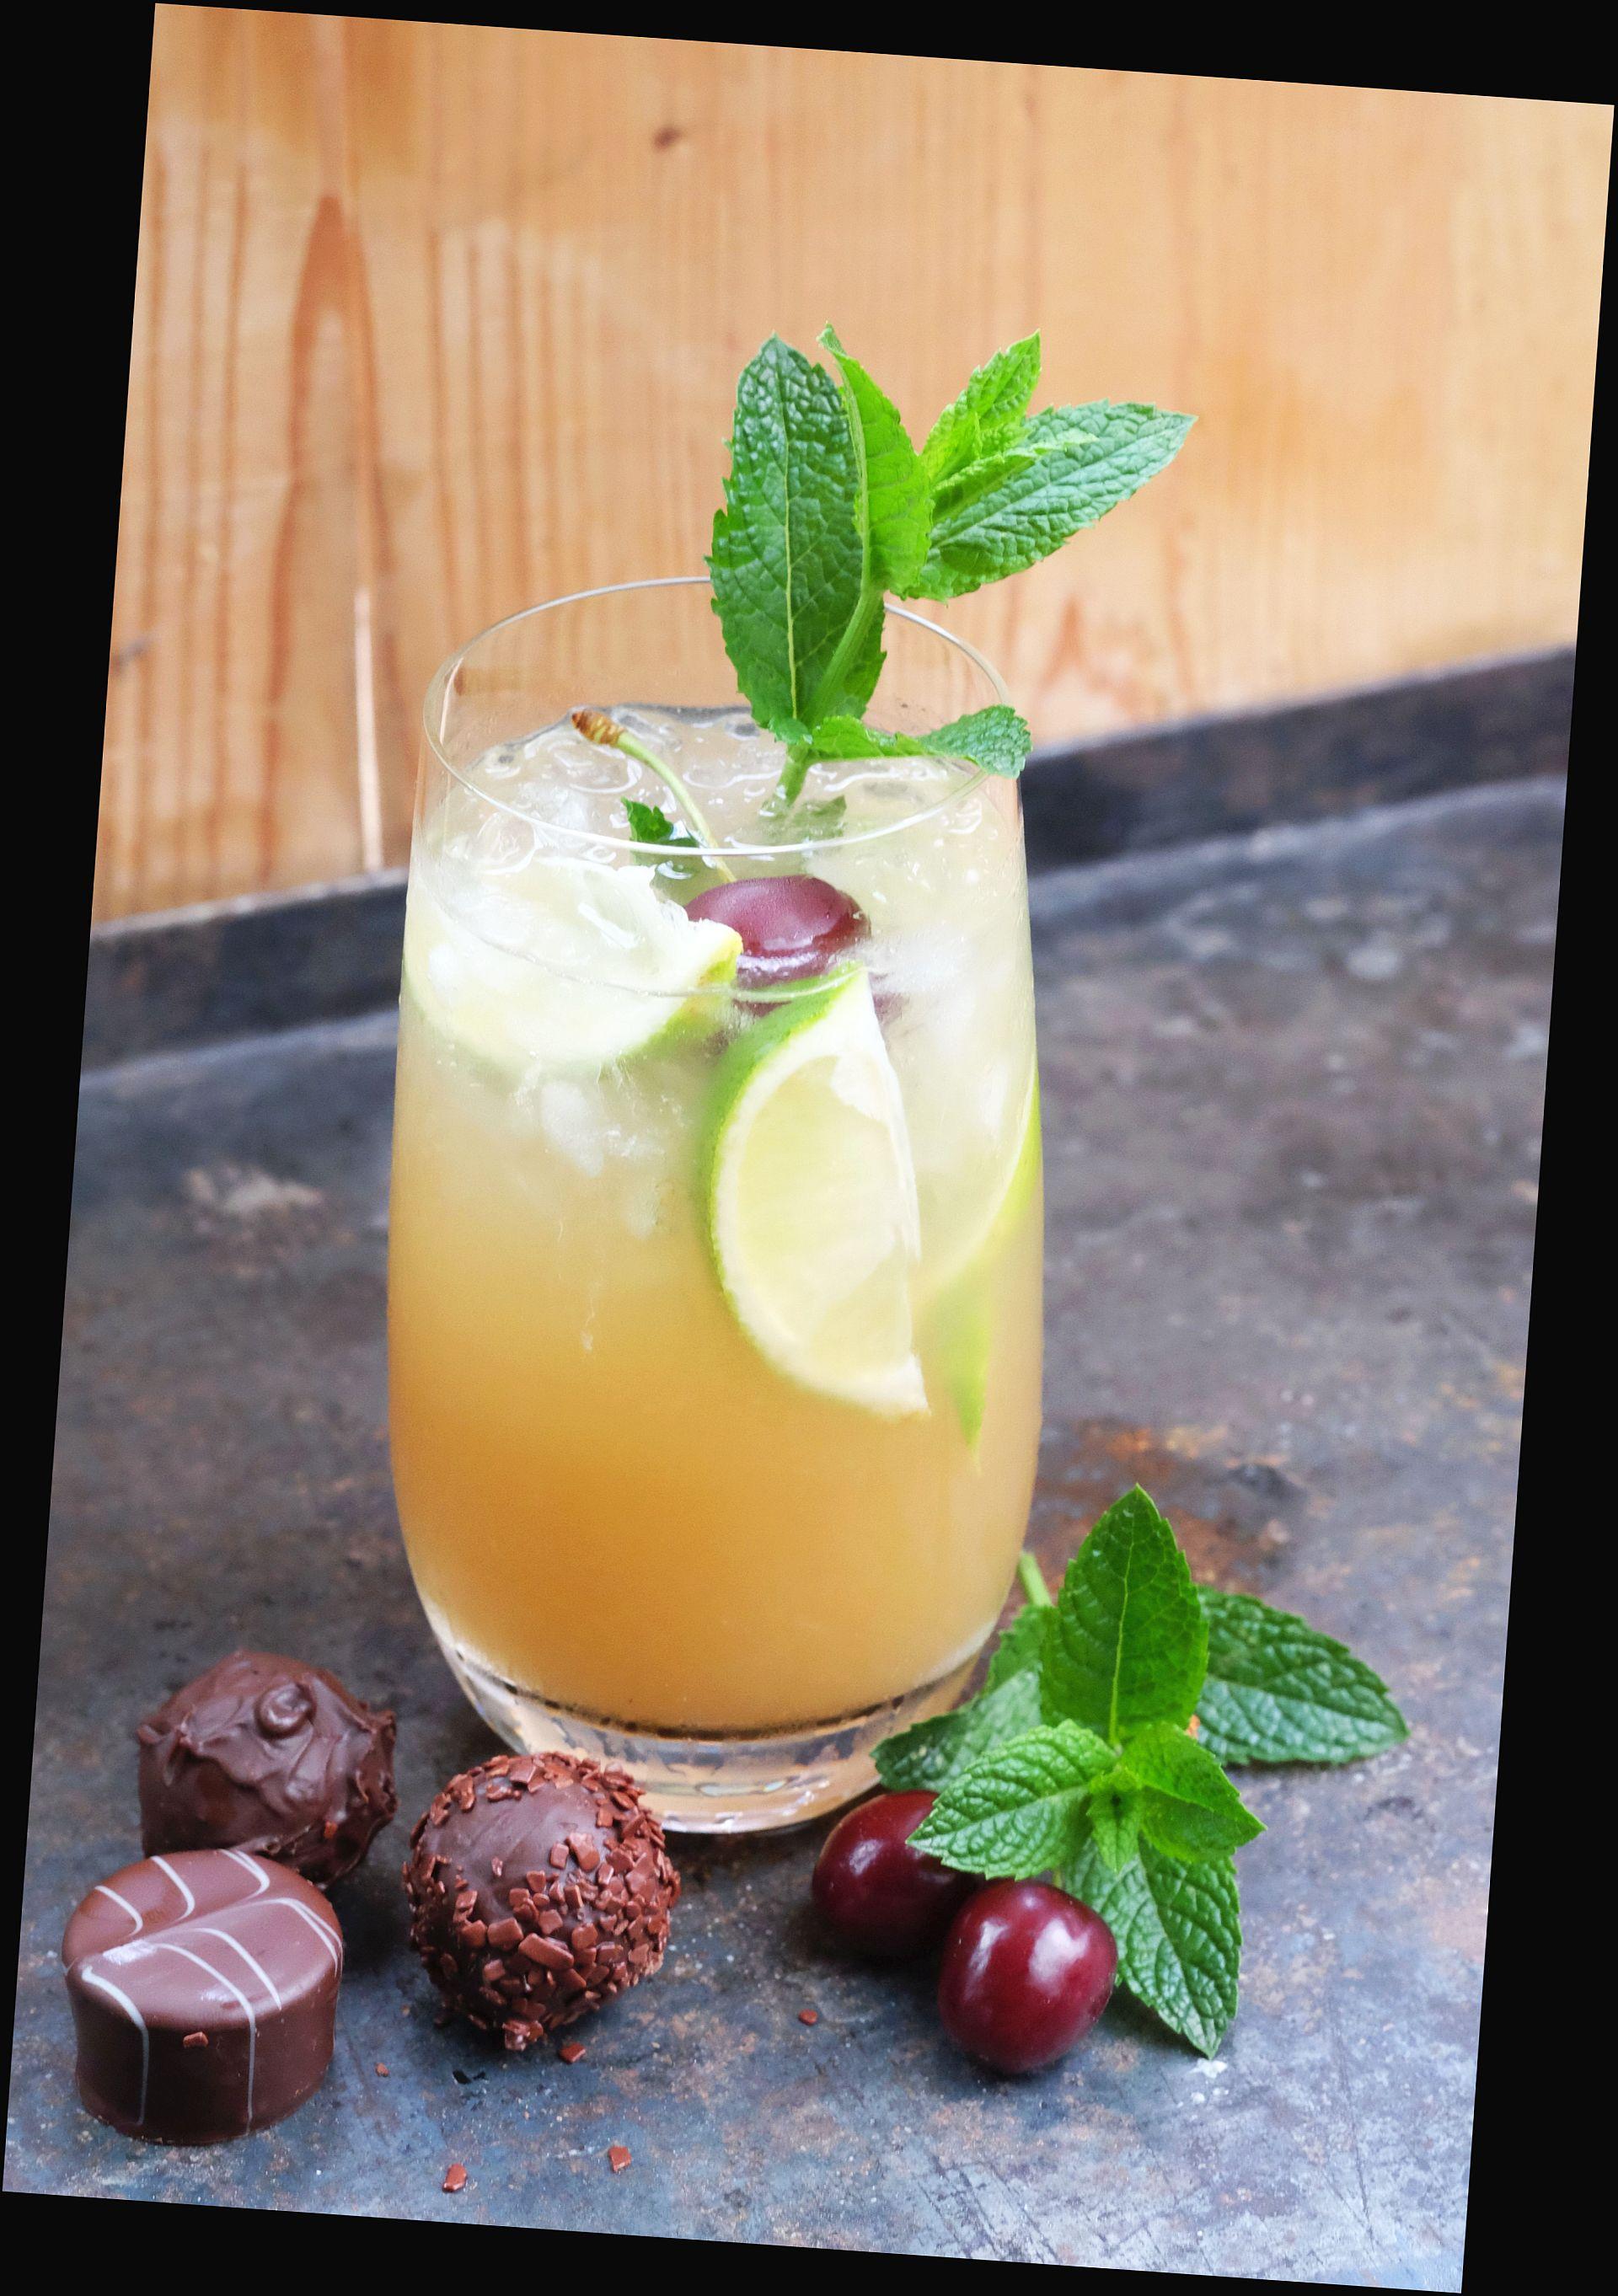 Mai Tai & dreierlei Rum Trüffel von der Confiserie Lauenstein